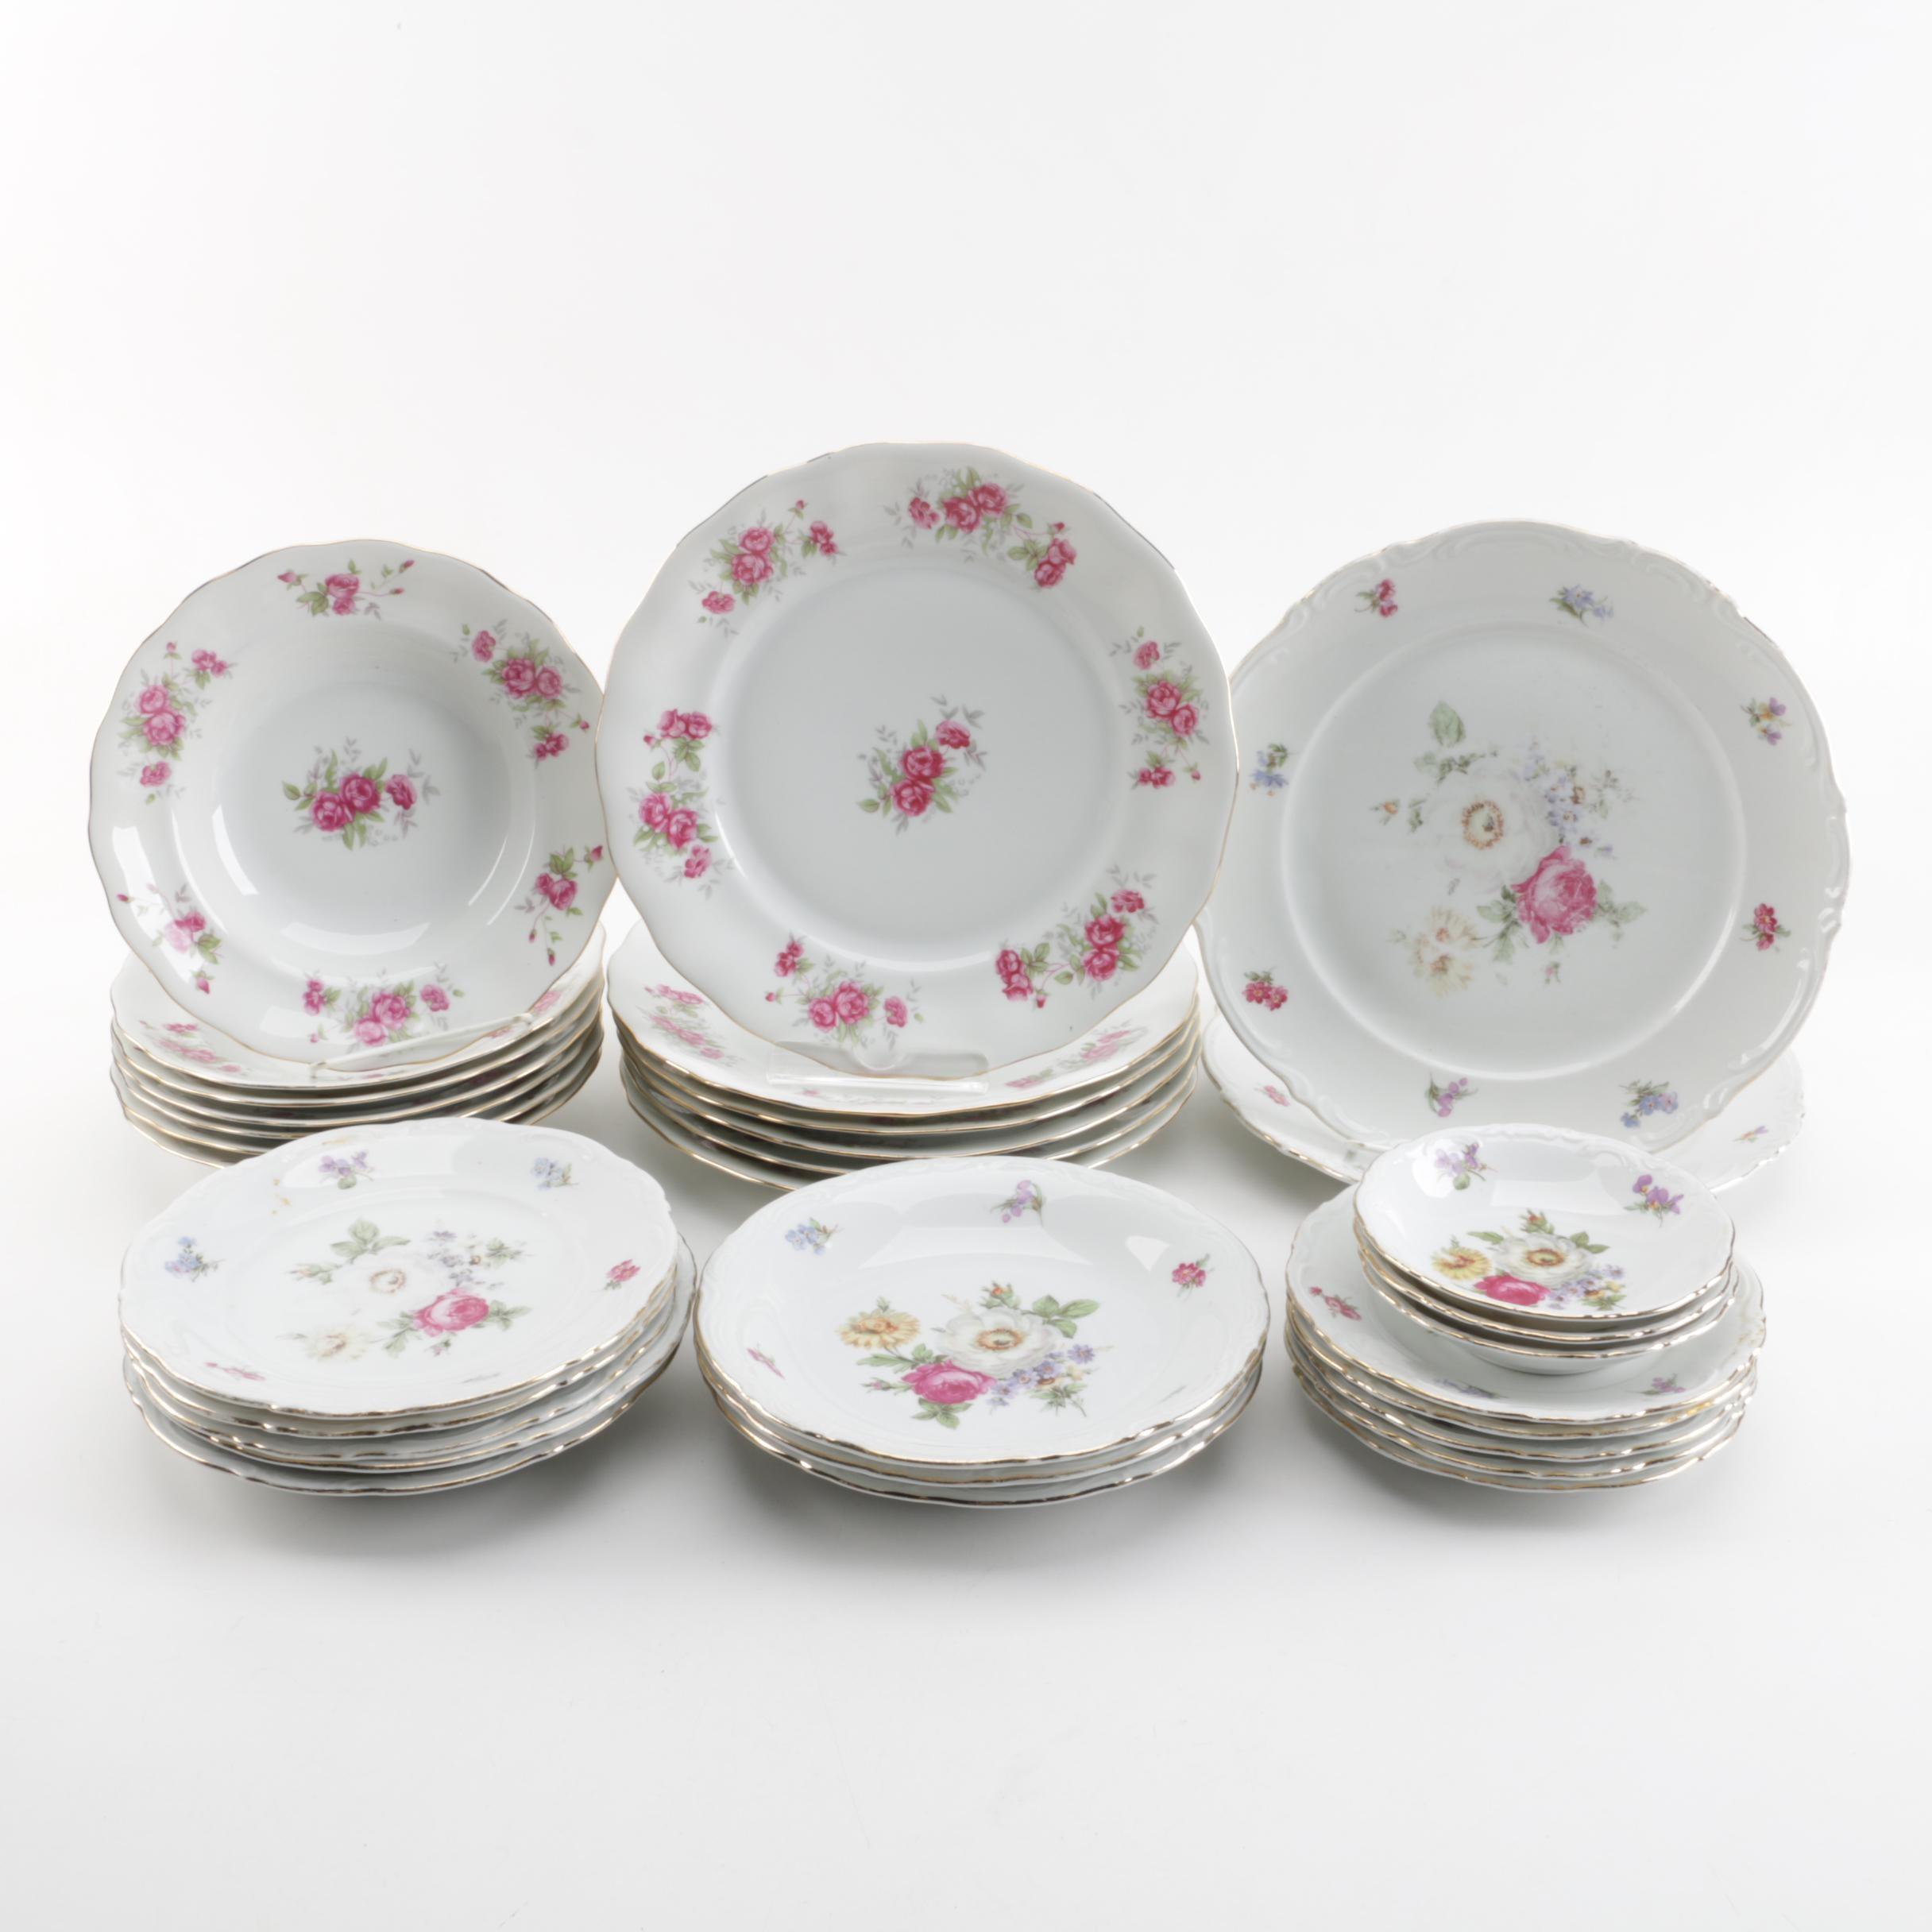 Mitterteich Bavarian Porcelain Tableware